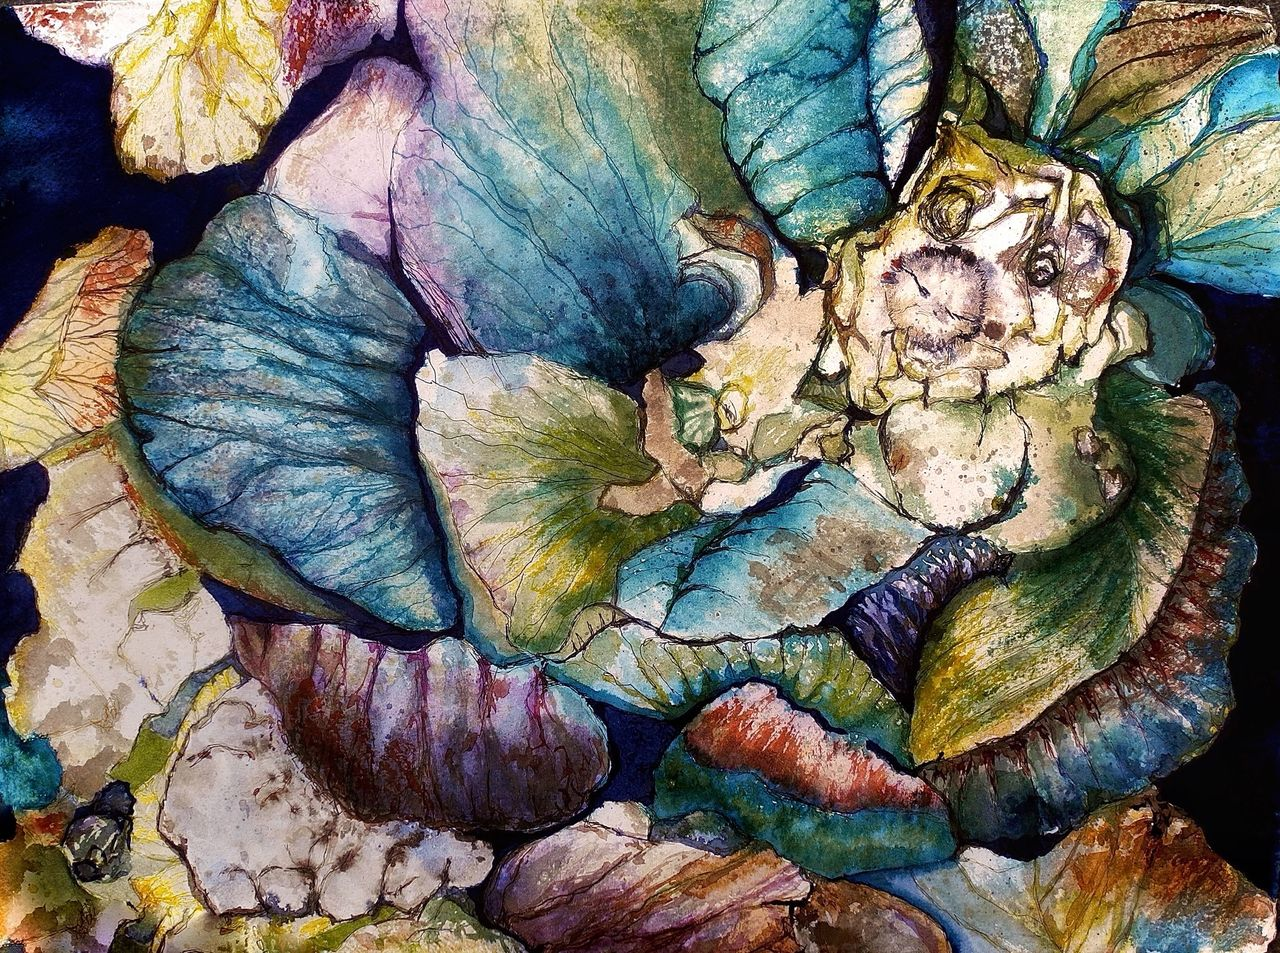 Bild: Kohl, Kohlfeld, Weißkohl, Gemüse von ClaudiaDelissen bei KunstNet